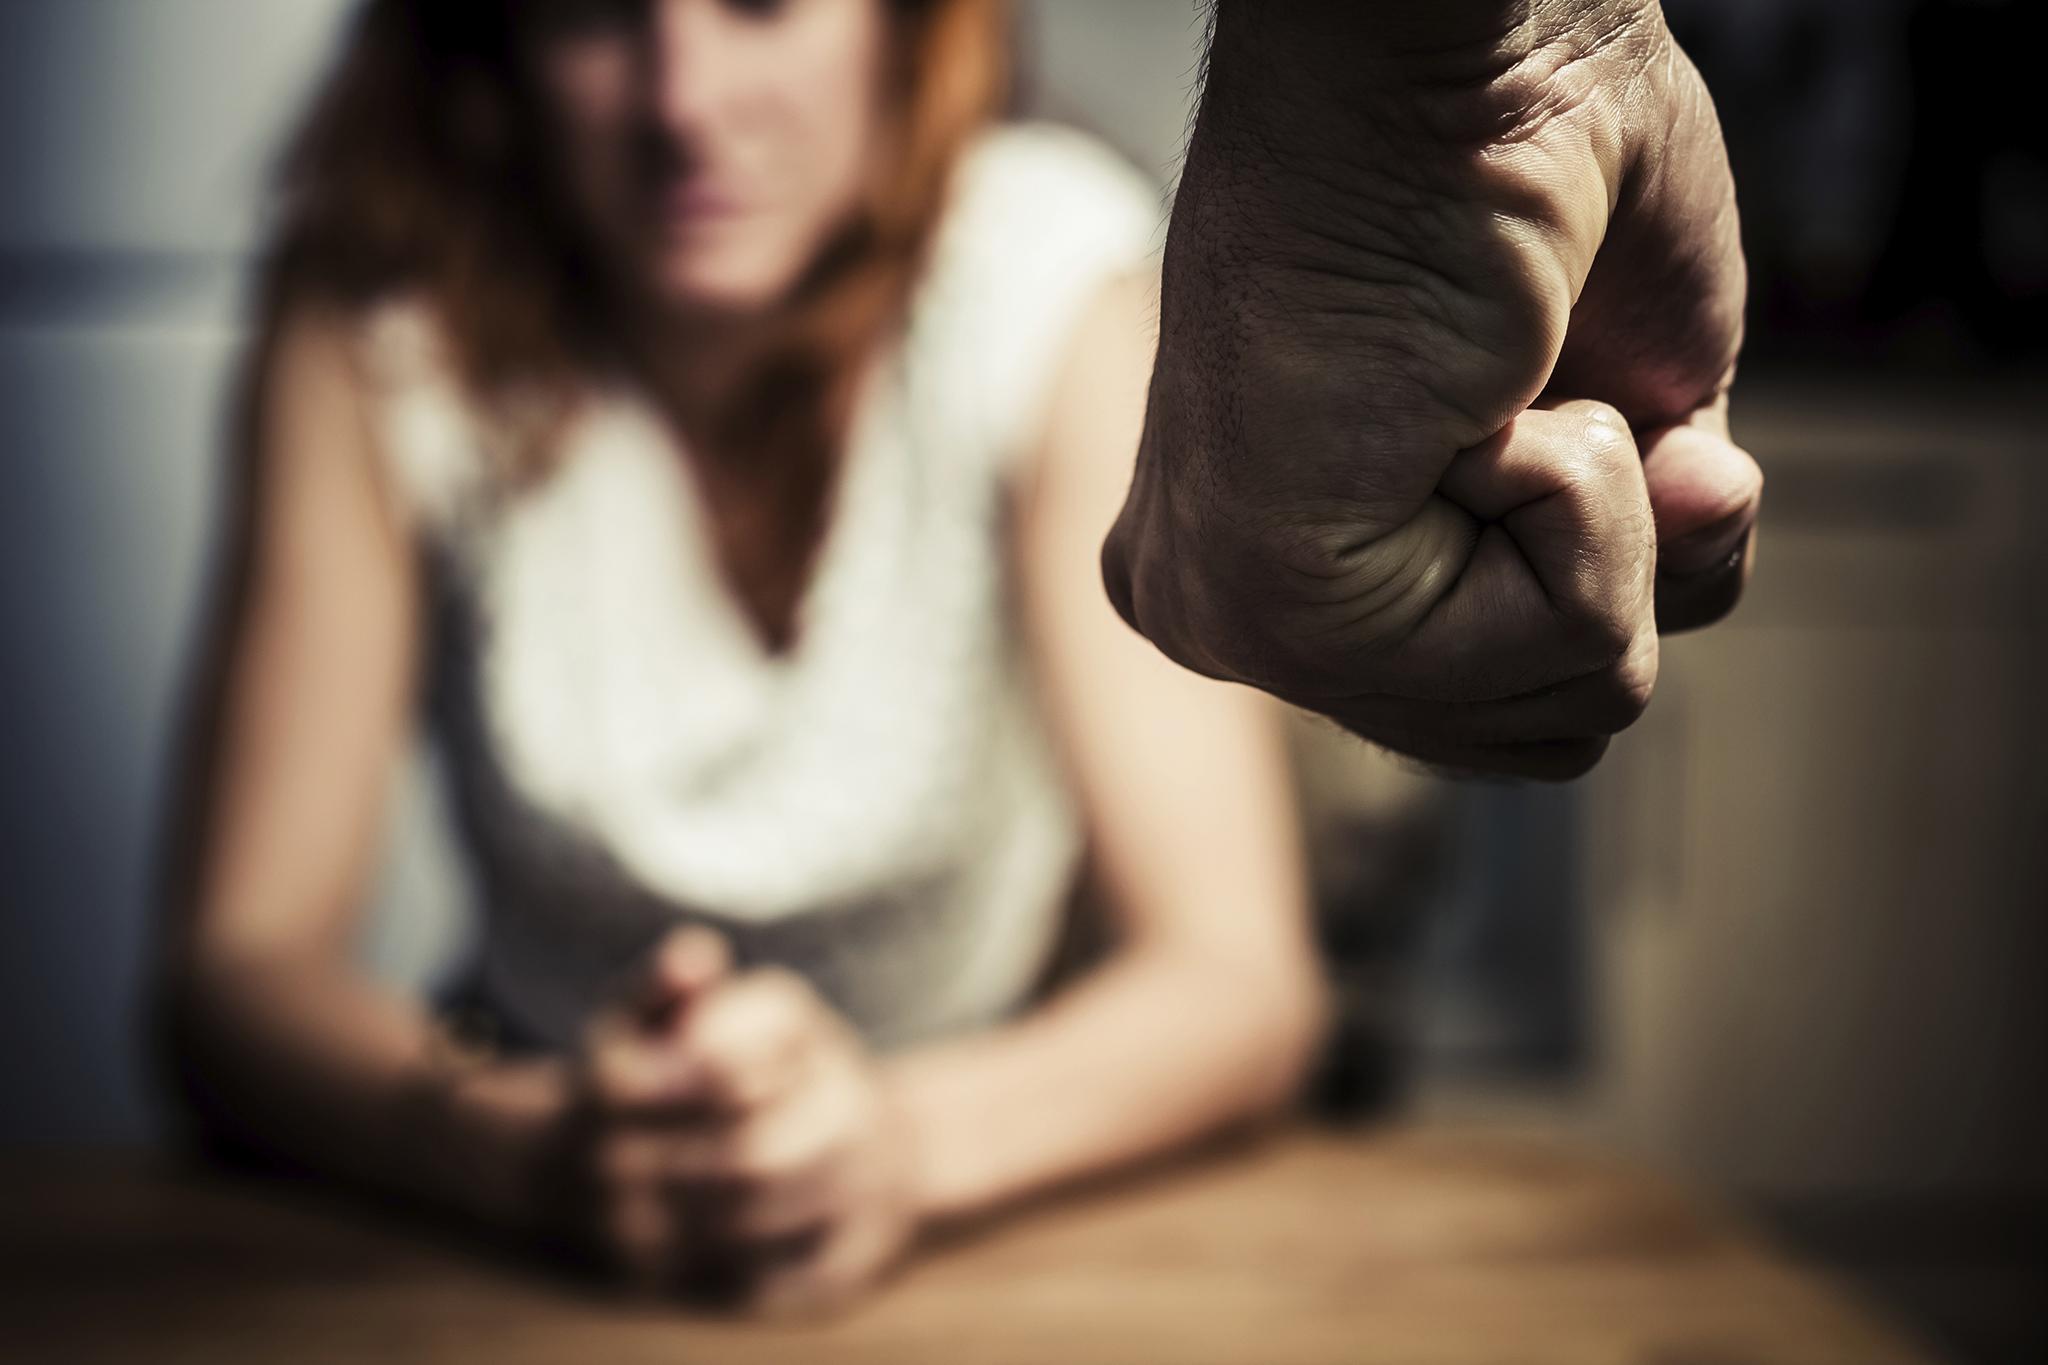 Violência doméstica | Pena de três anos de prisão por agressões